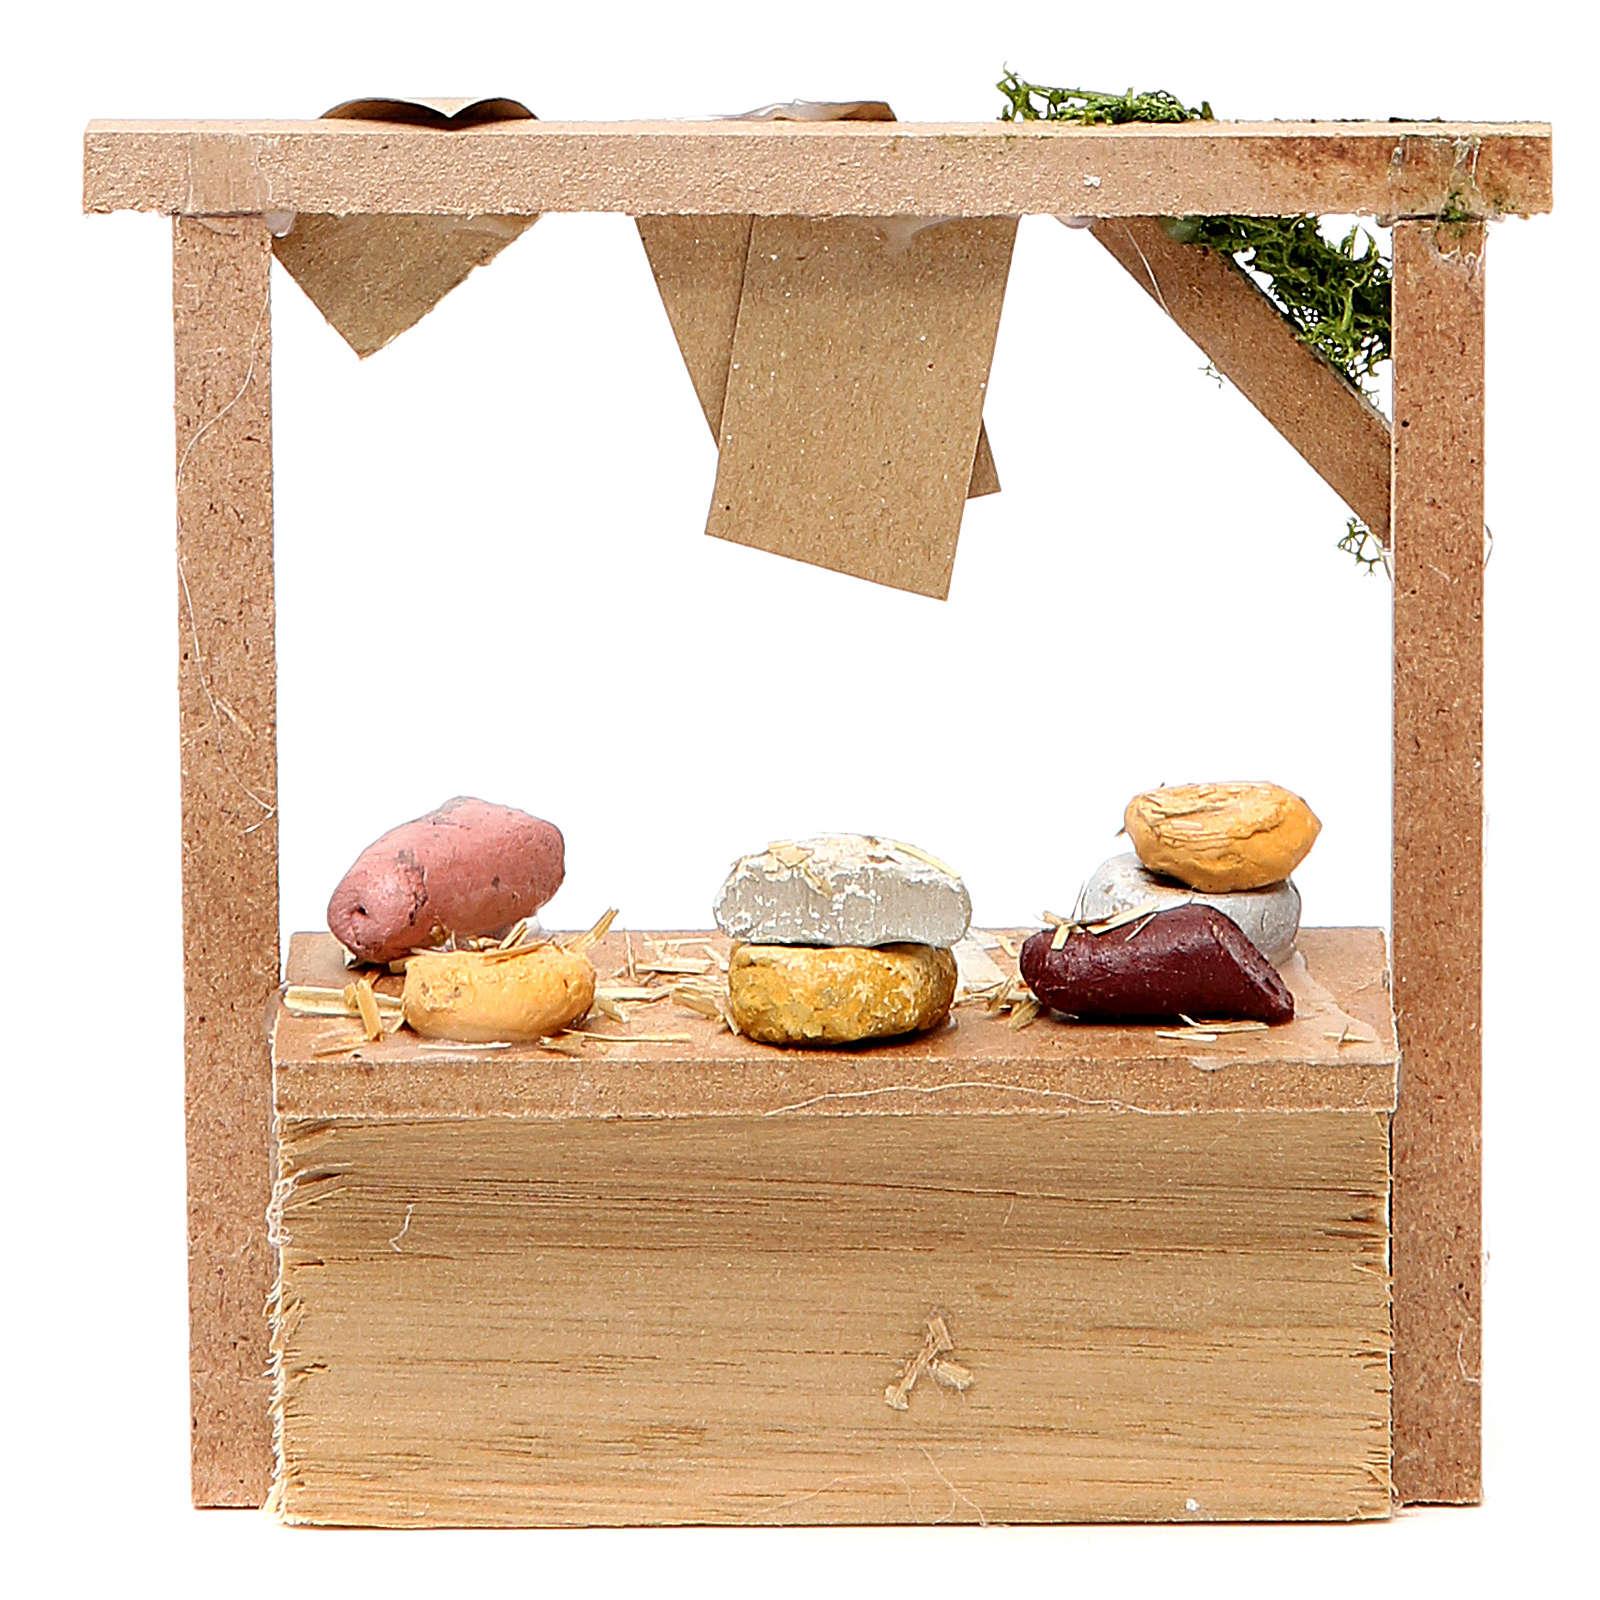 Banchetto presepe formaggi e salumi 10,5x11x4 cm 4